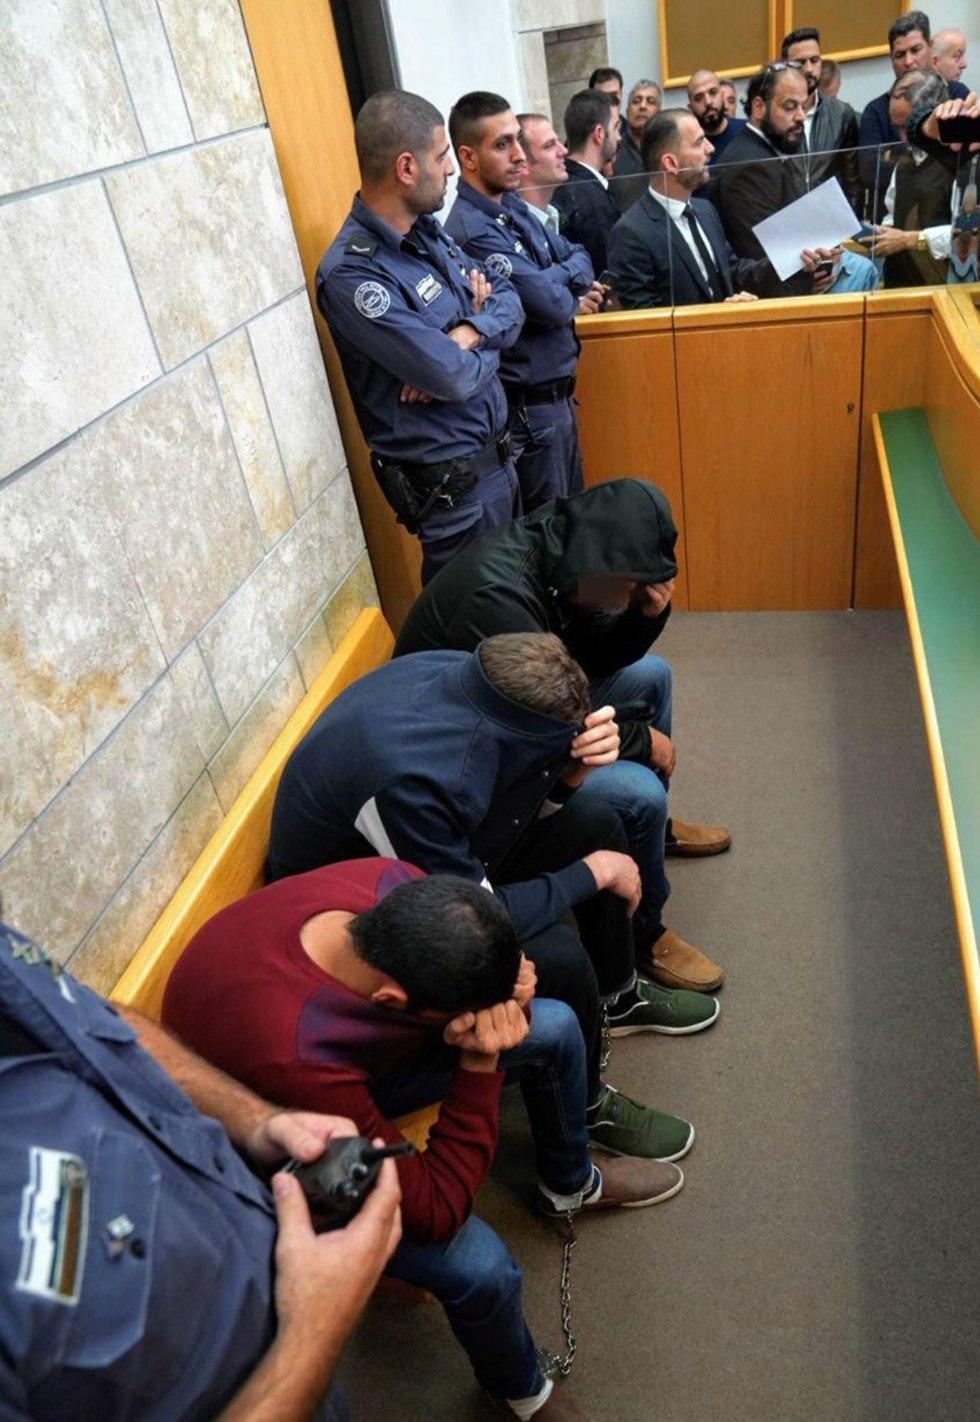 Подозреваемые в суде Нацерета. Фото: Эфи Шaрир